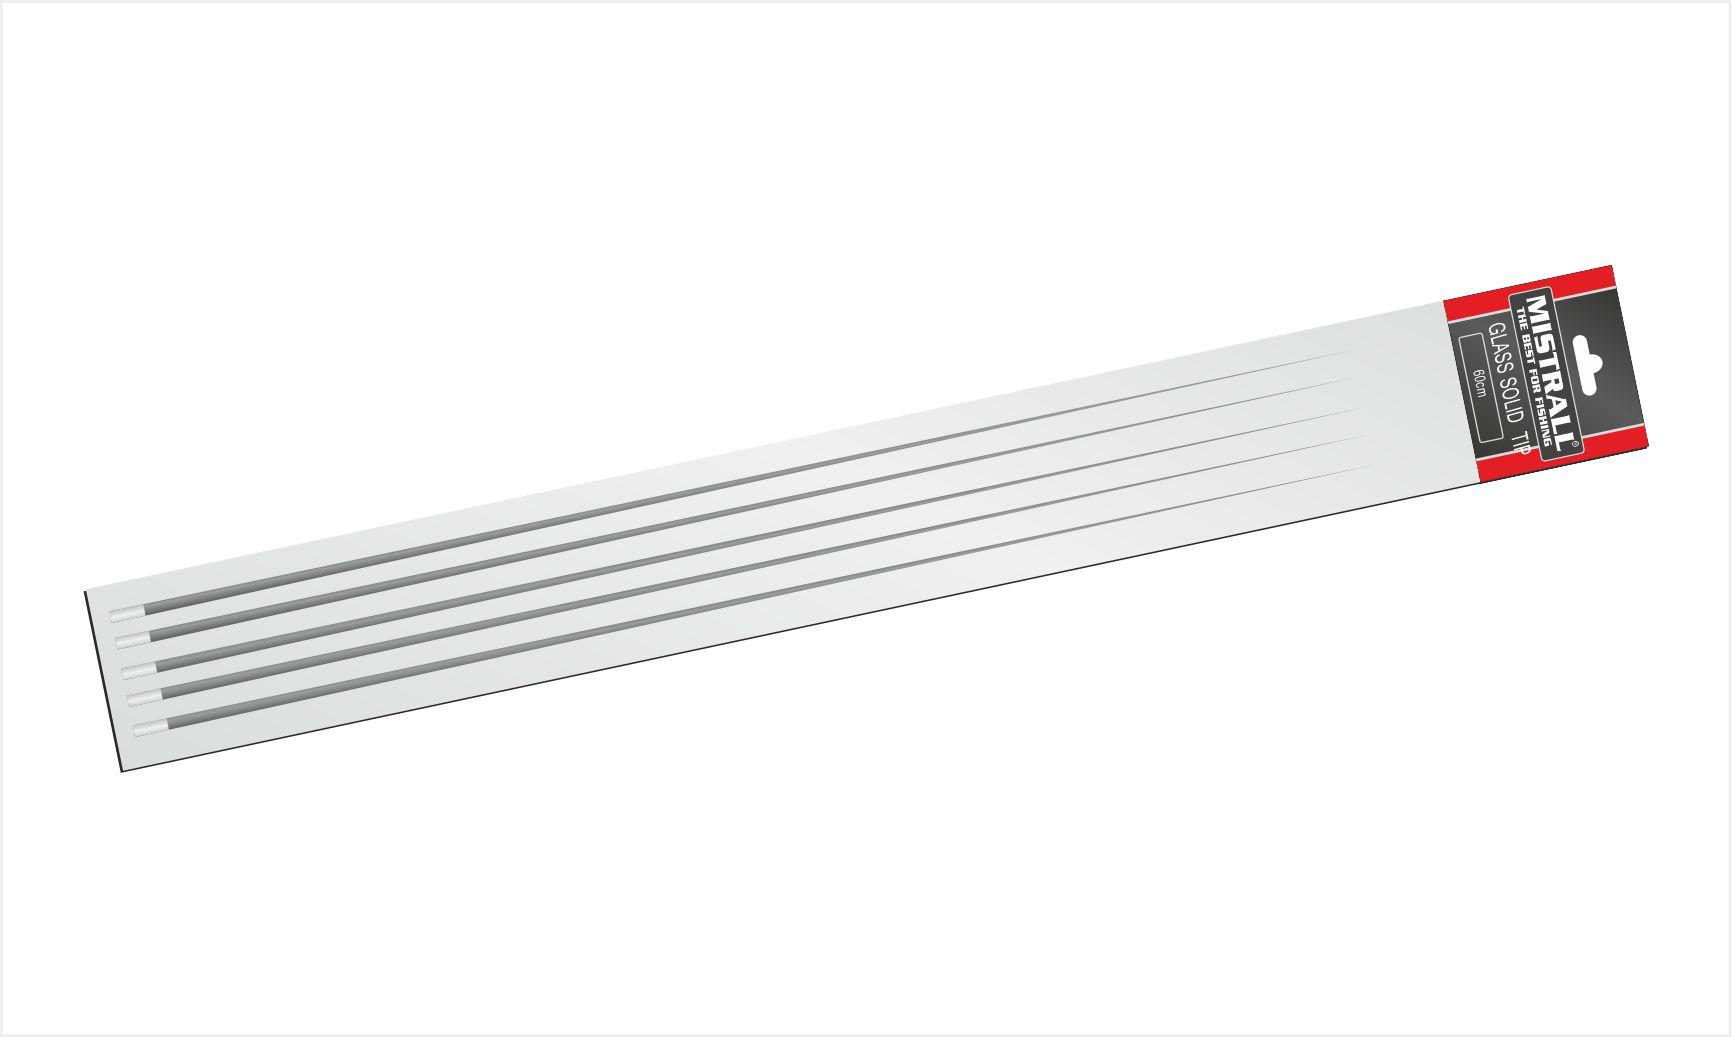 Mistrall náhradní špička na prut plná 0,9 x 4,5 x 600 mm, 5ks/bal